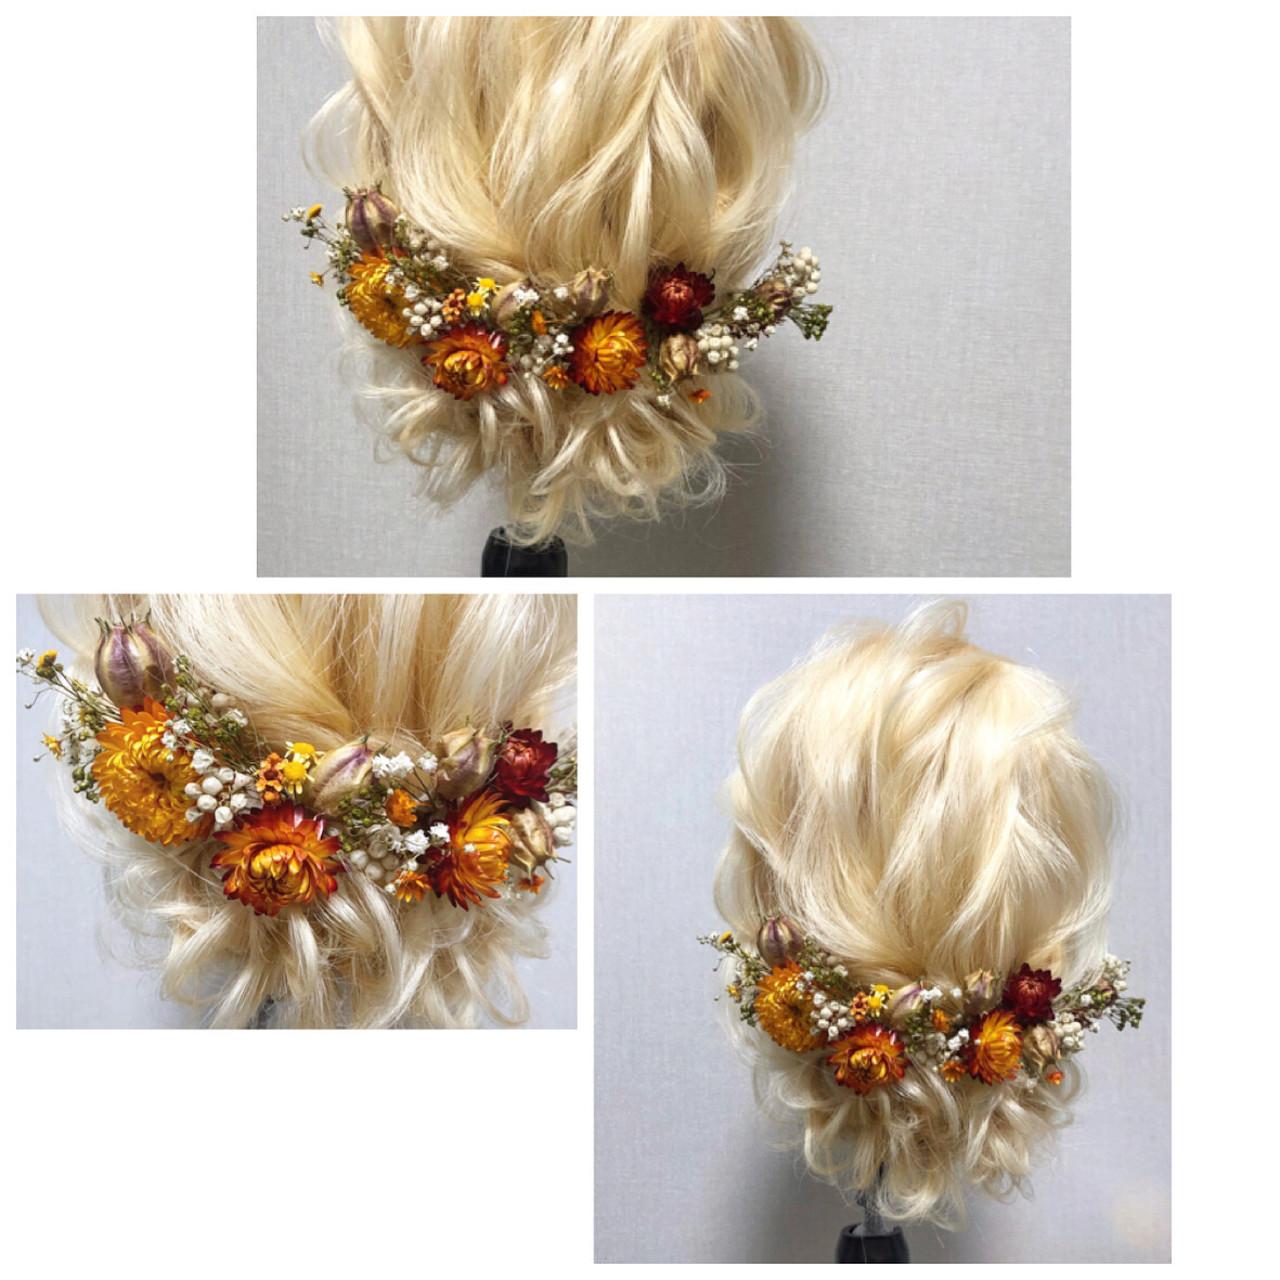 ヘアアレンジ 結婚式 ロング 簡単ヘアアレンジ ヘアスタイルや髪型の写真・画像 | Amico/佐藤 友理 / amico